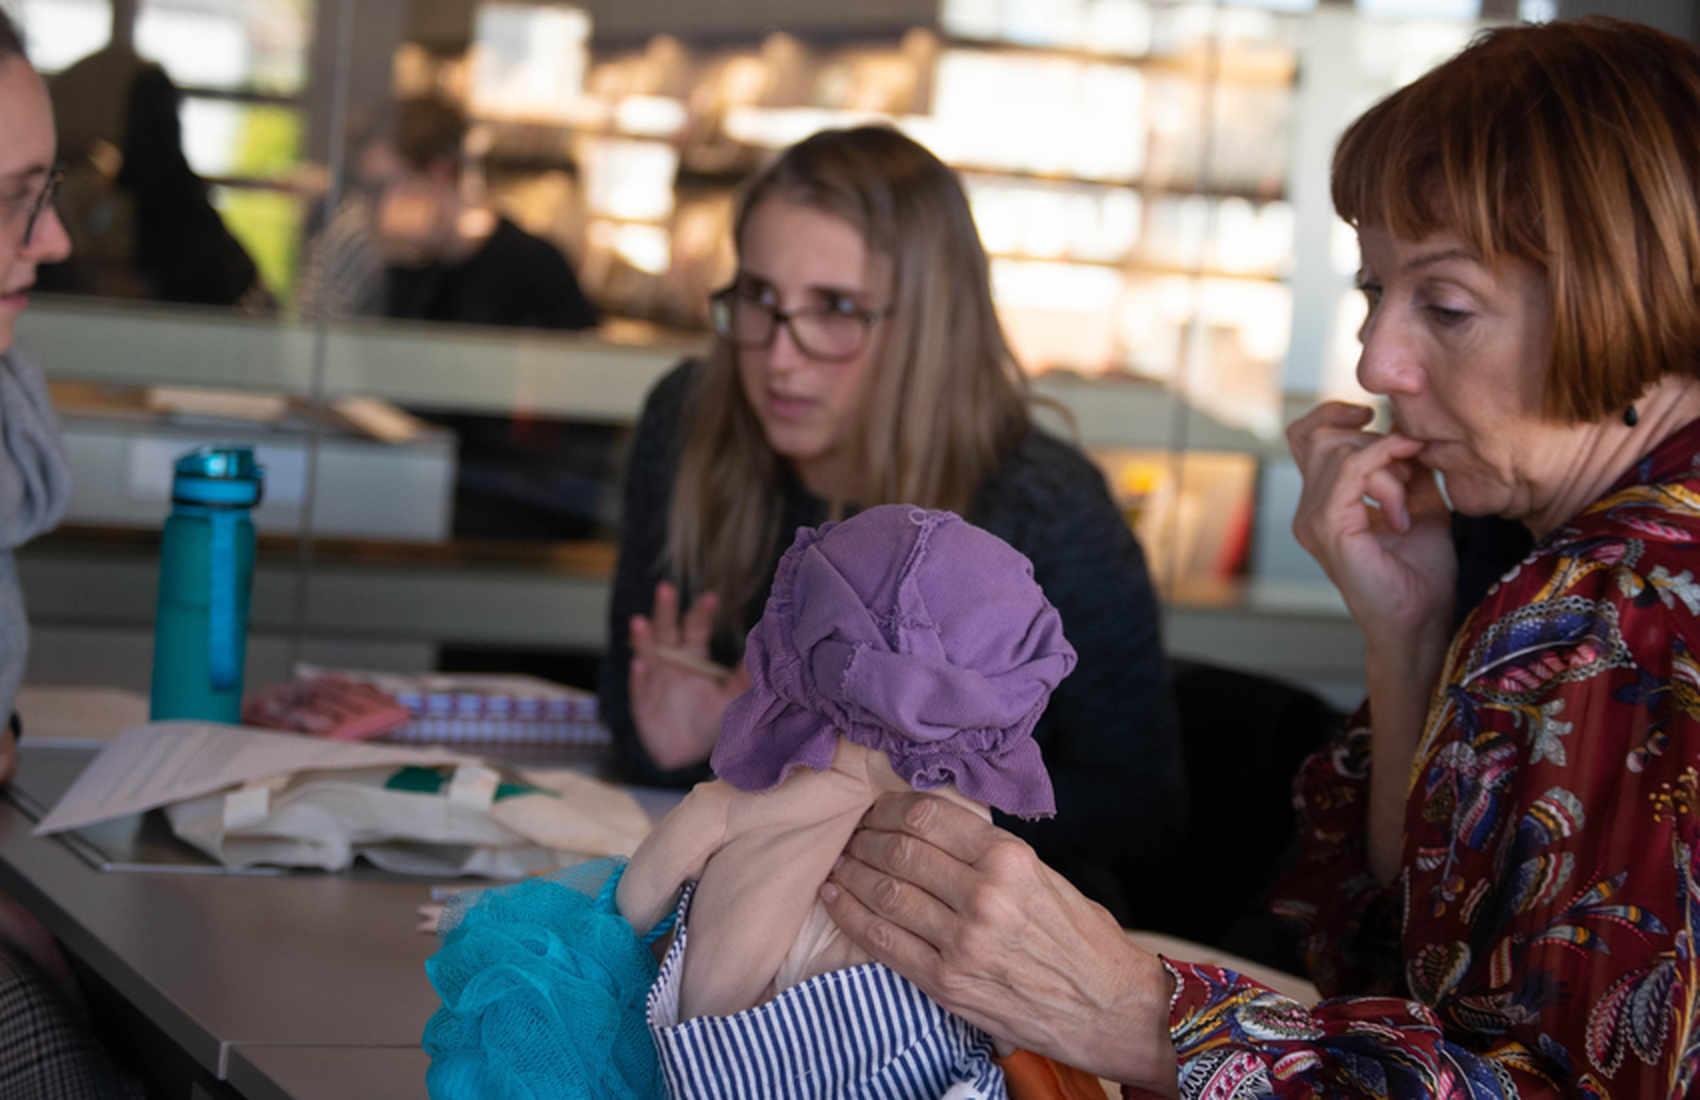 Werkwinkel: Sofie Jansen van RoSa vzw presenteert een speelgoedkoffer voor meer genderbewustzijn in de kleuterklas.